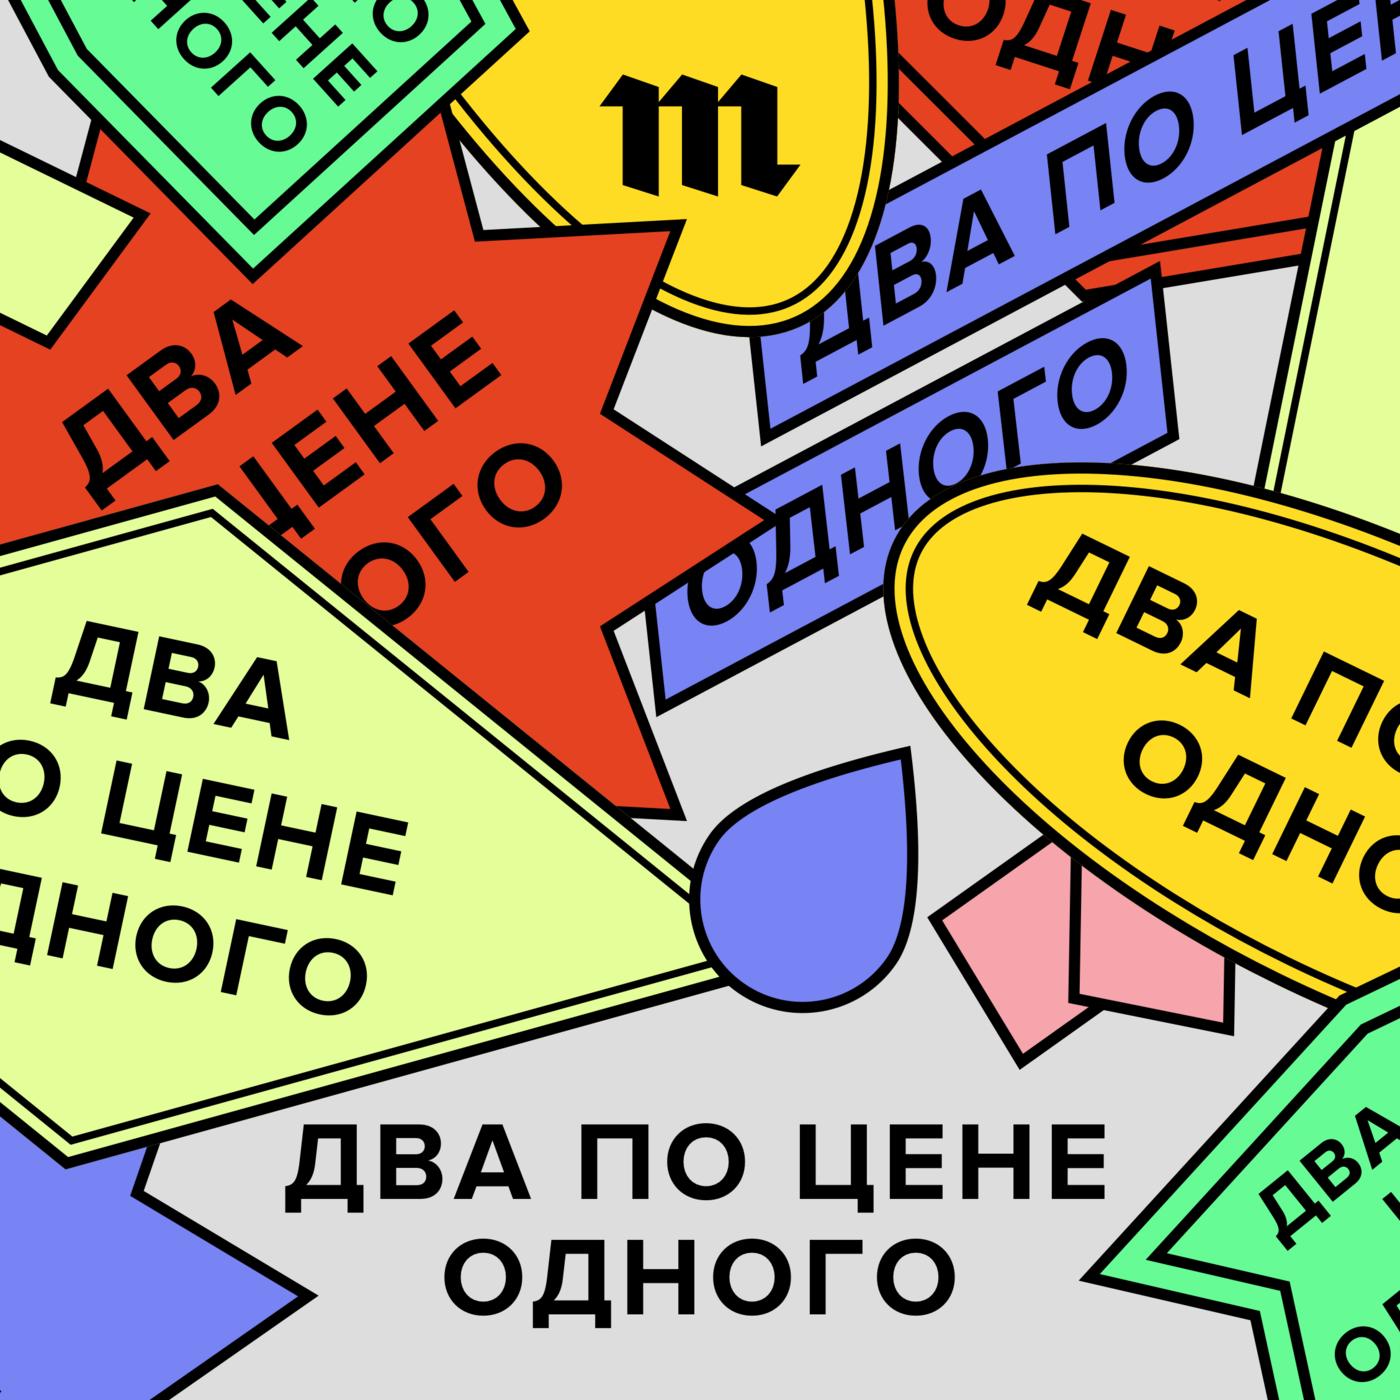 Илья Красильщик Когда исчезнут наличные деньги? И как к этому относиться цены онлайн